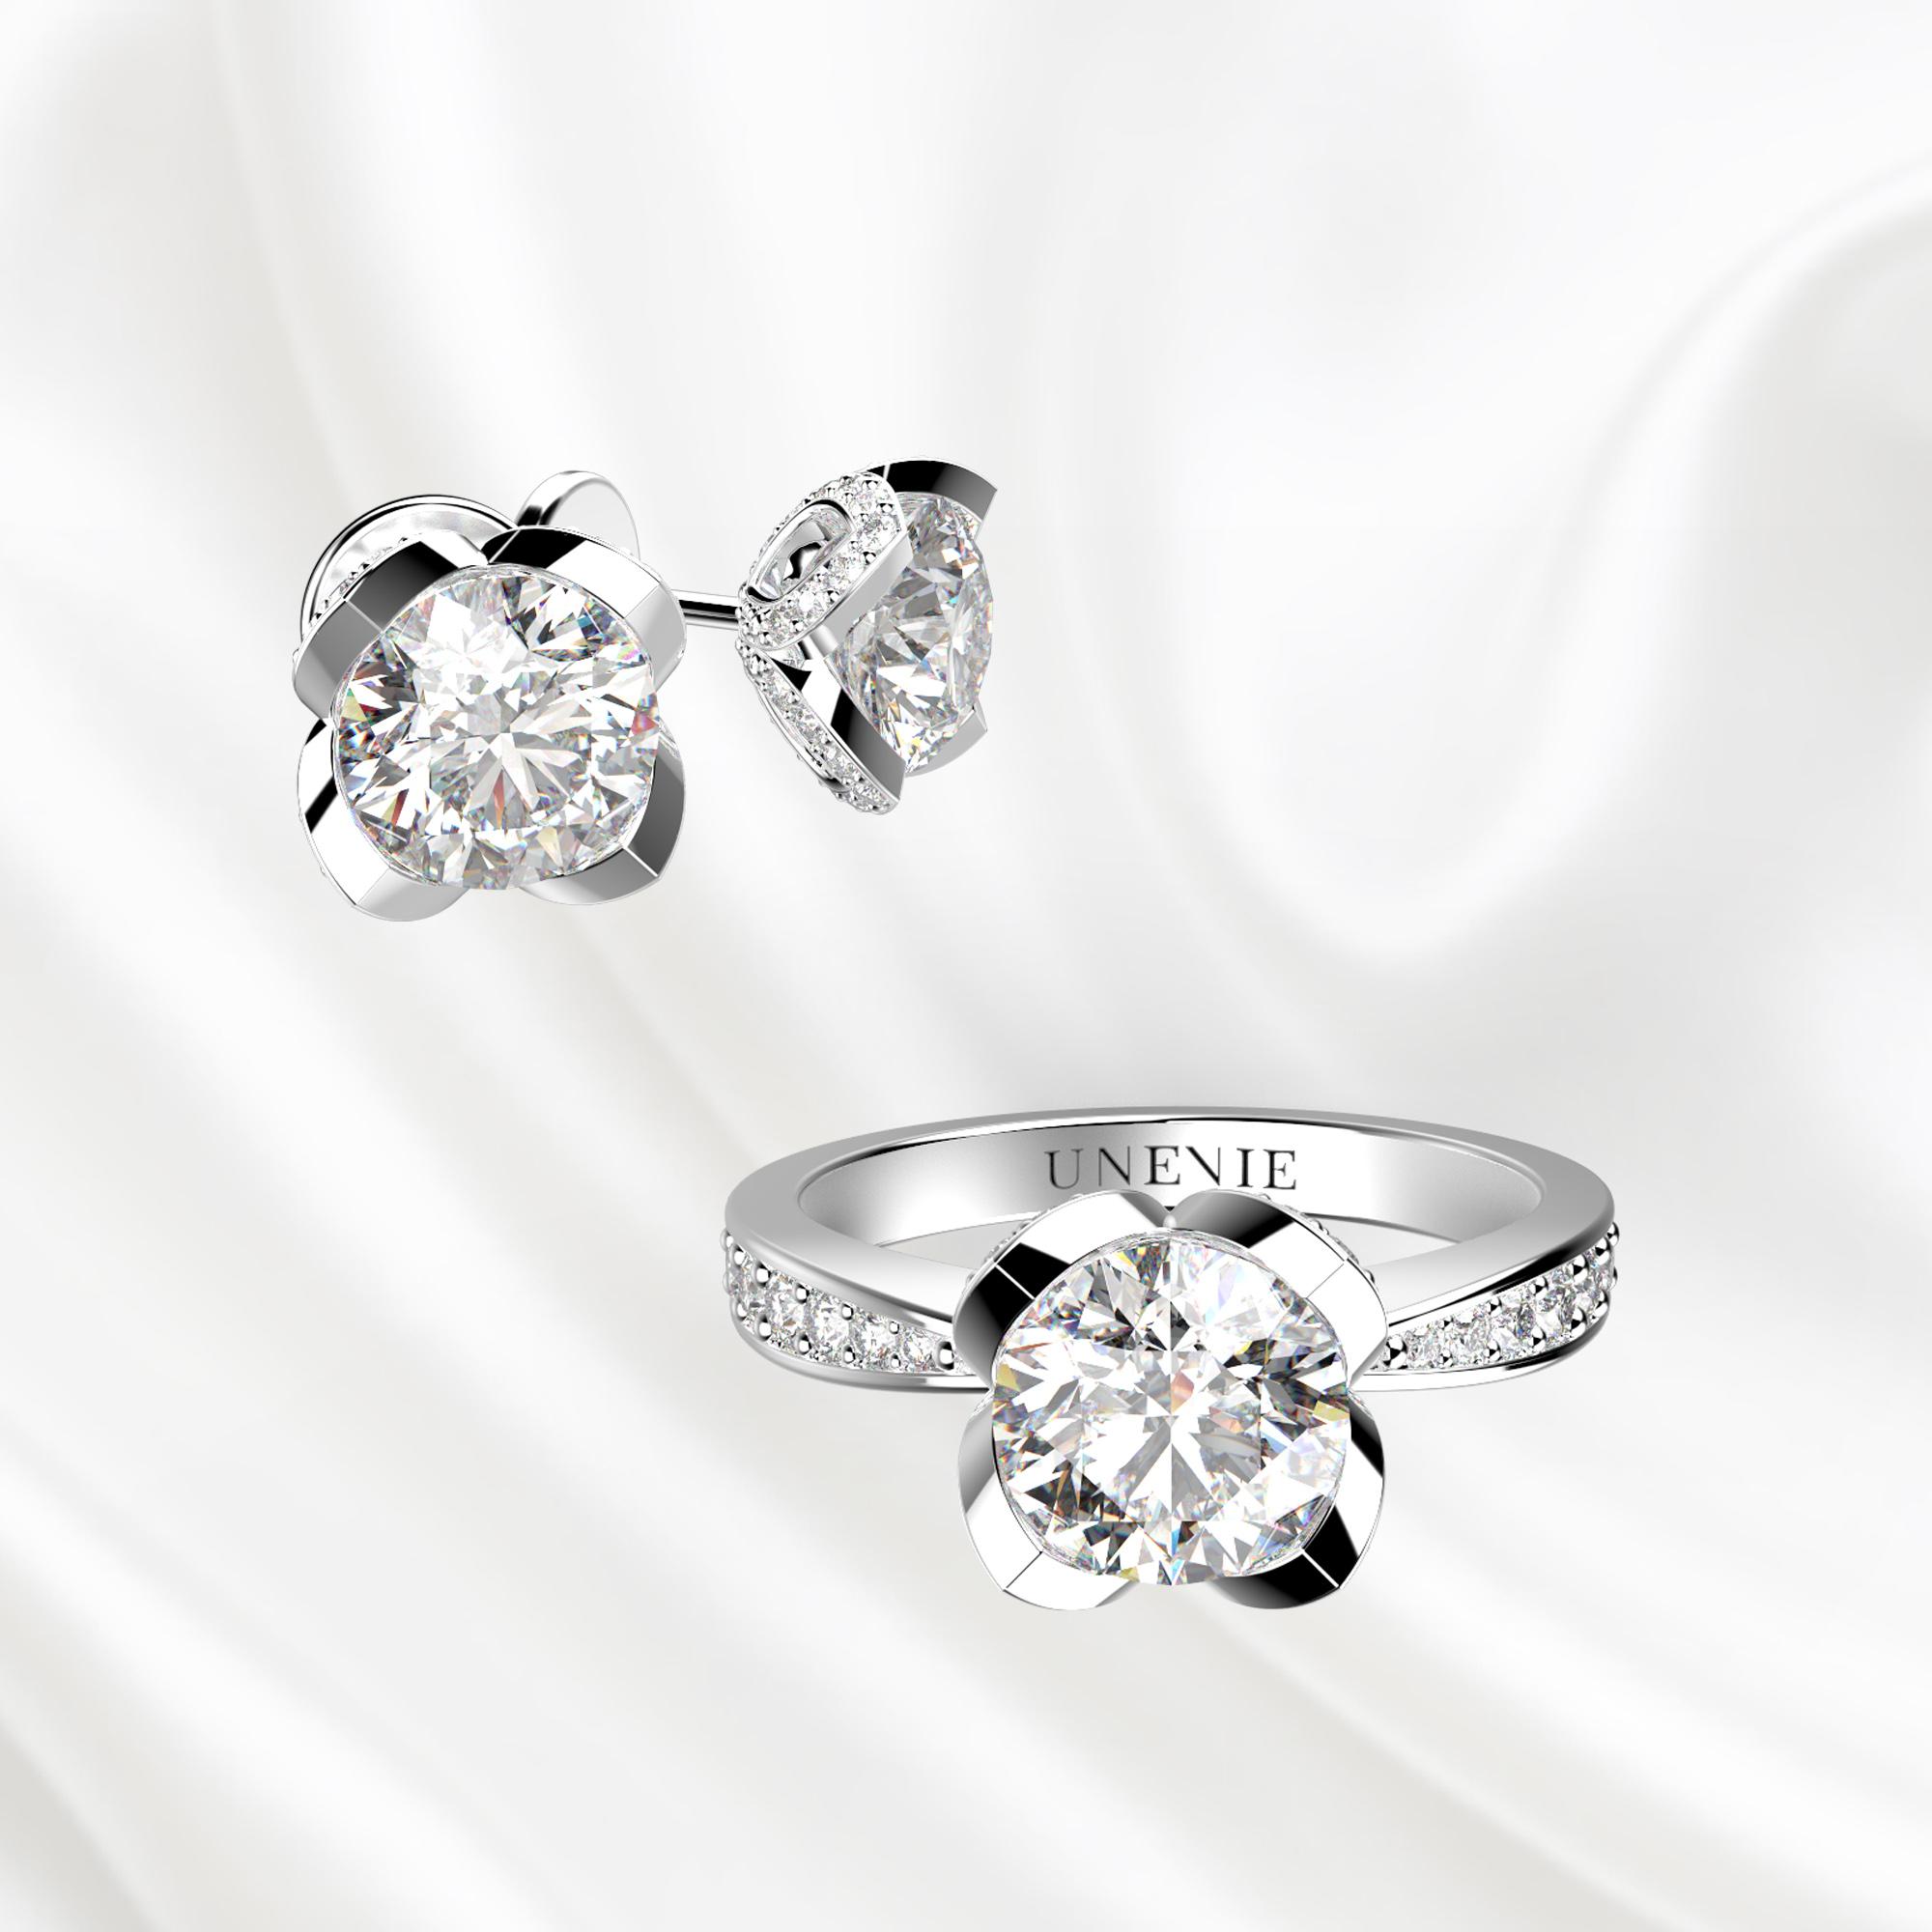 К6 Комплект ювелирных изделий серьги и кольцо из белого золота с бриллиантами 0.3 карат